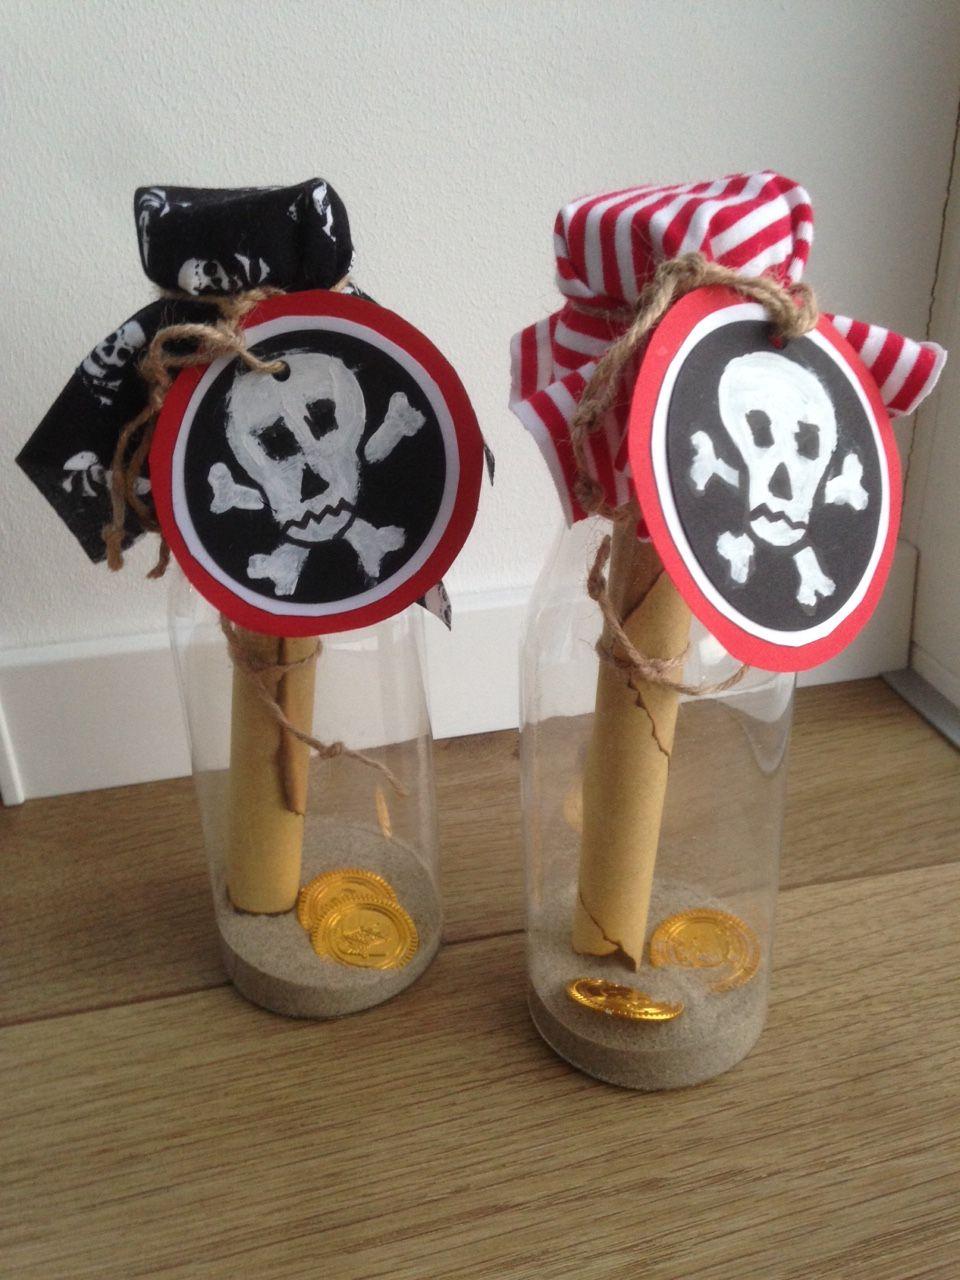 Fertige Piratenparty Einladung Für Den Kindergeburtstag. Die Flaschenpost  Ist Natürlich Persönlich An Alle Piraten Verteilt